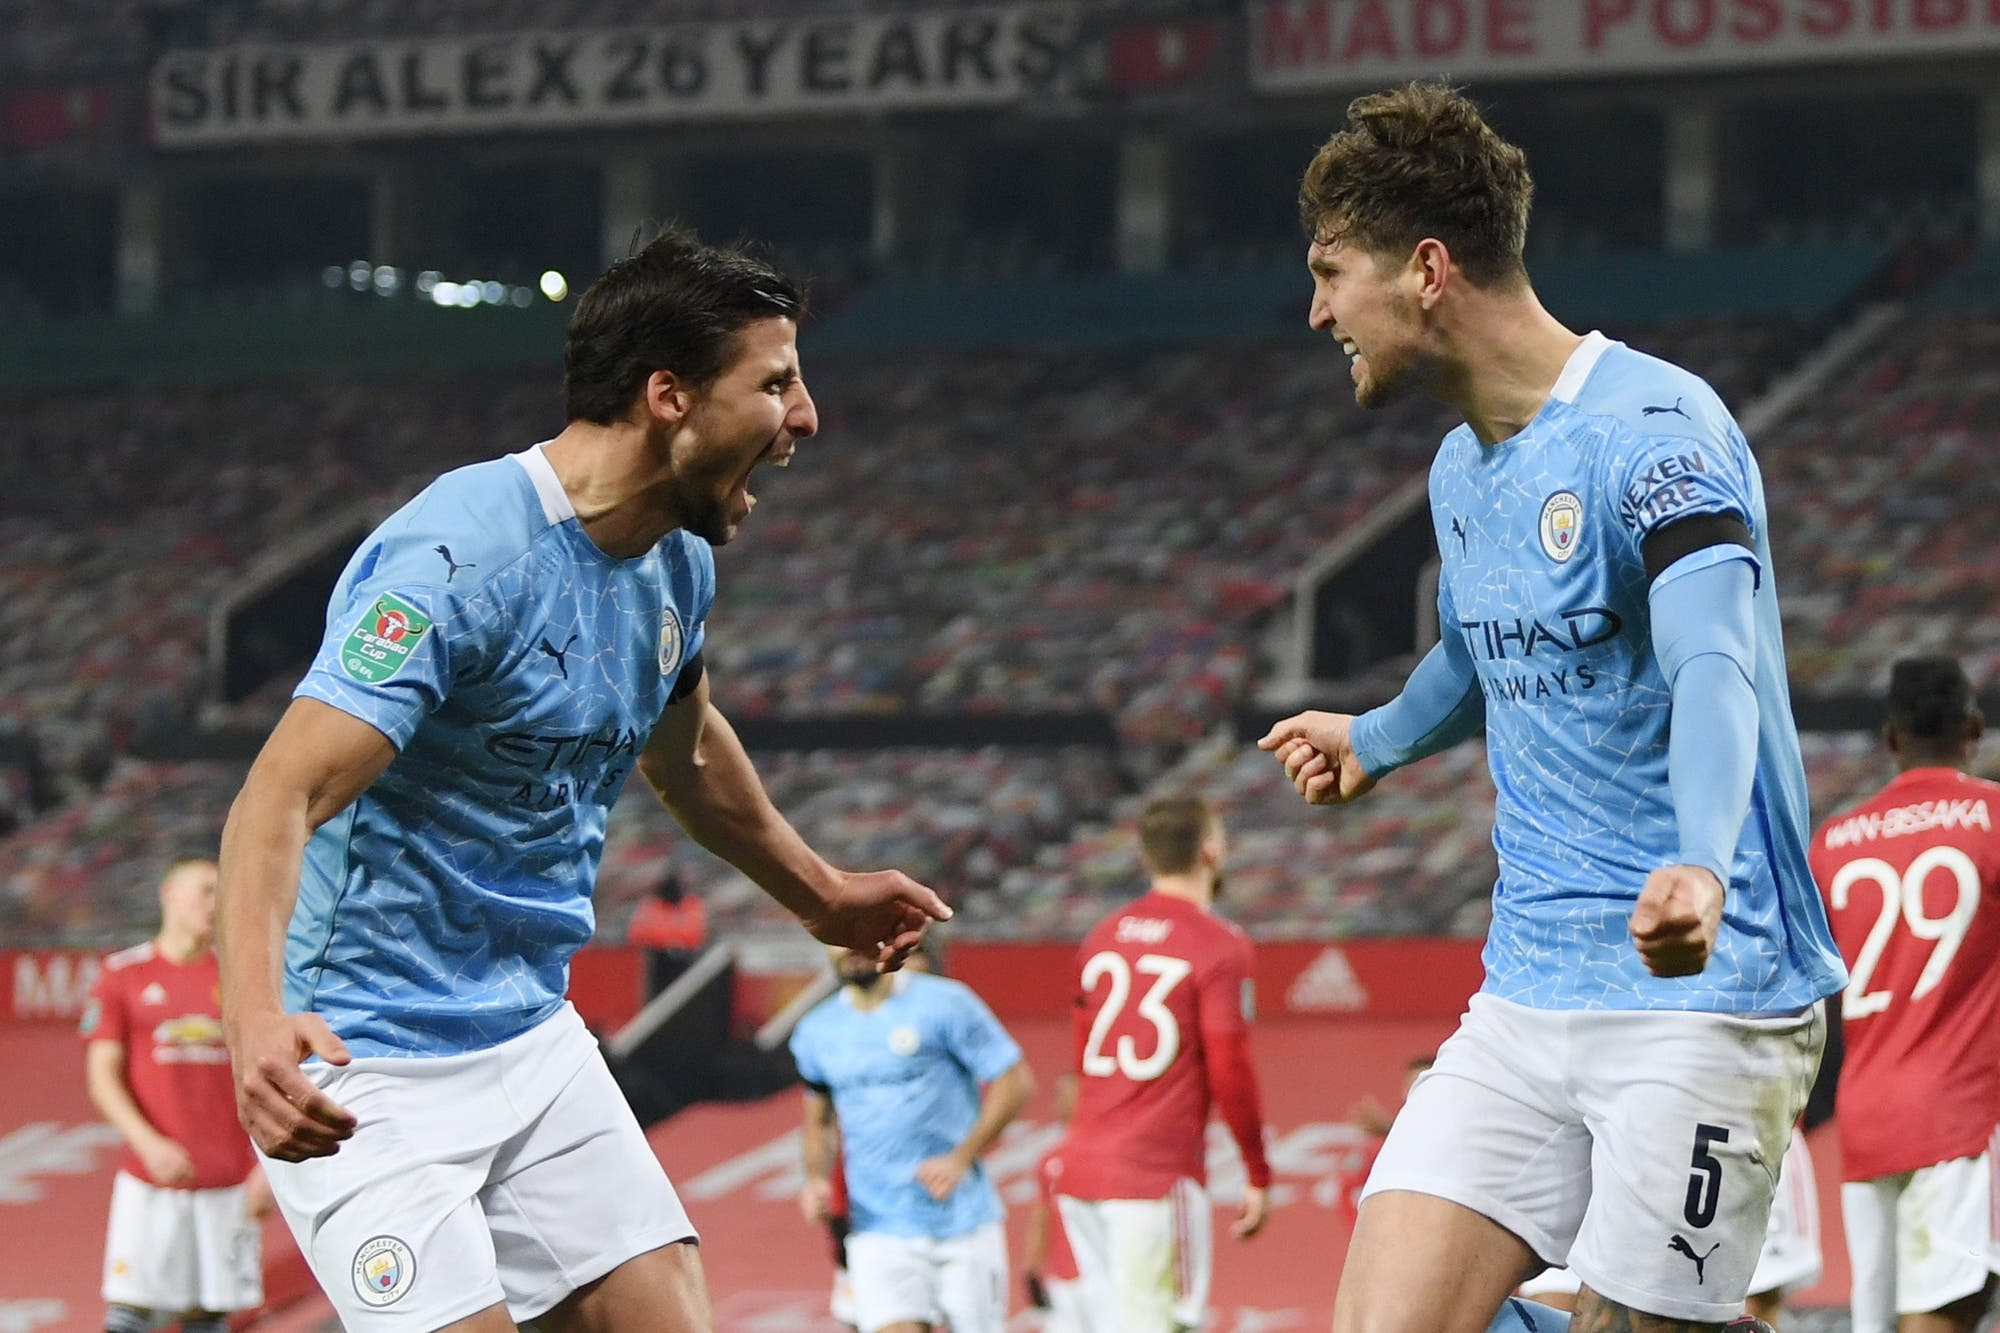 Manchester United - Manchester City: el equipo de Guardiola ganó el derby y es finalista de la Copa de la Liga inglesa